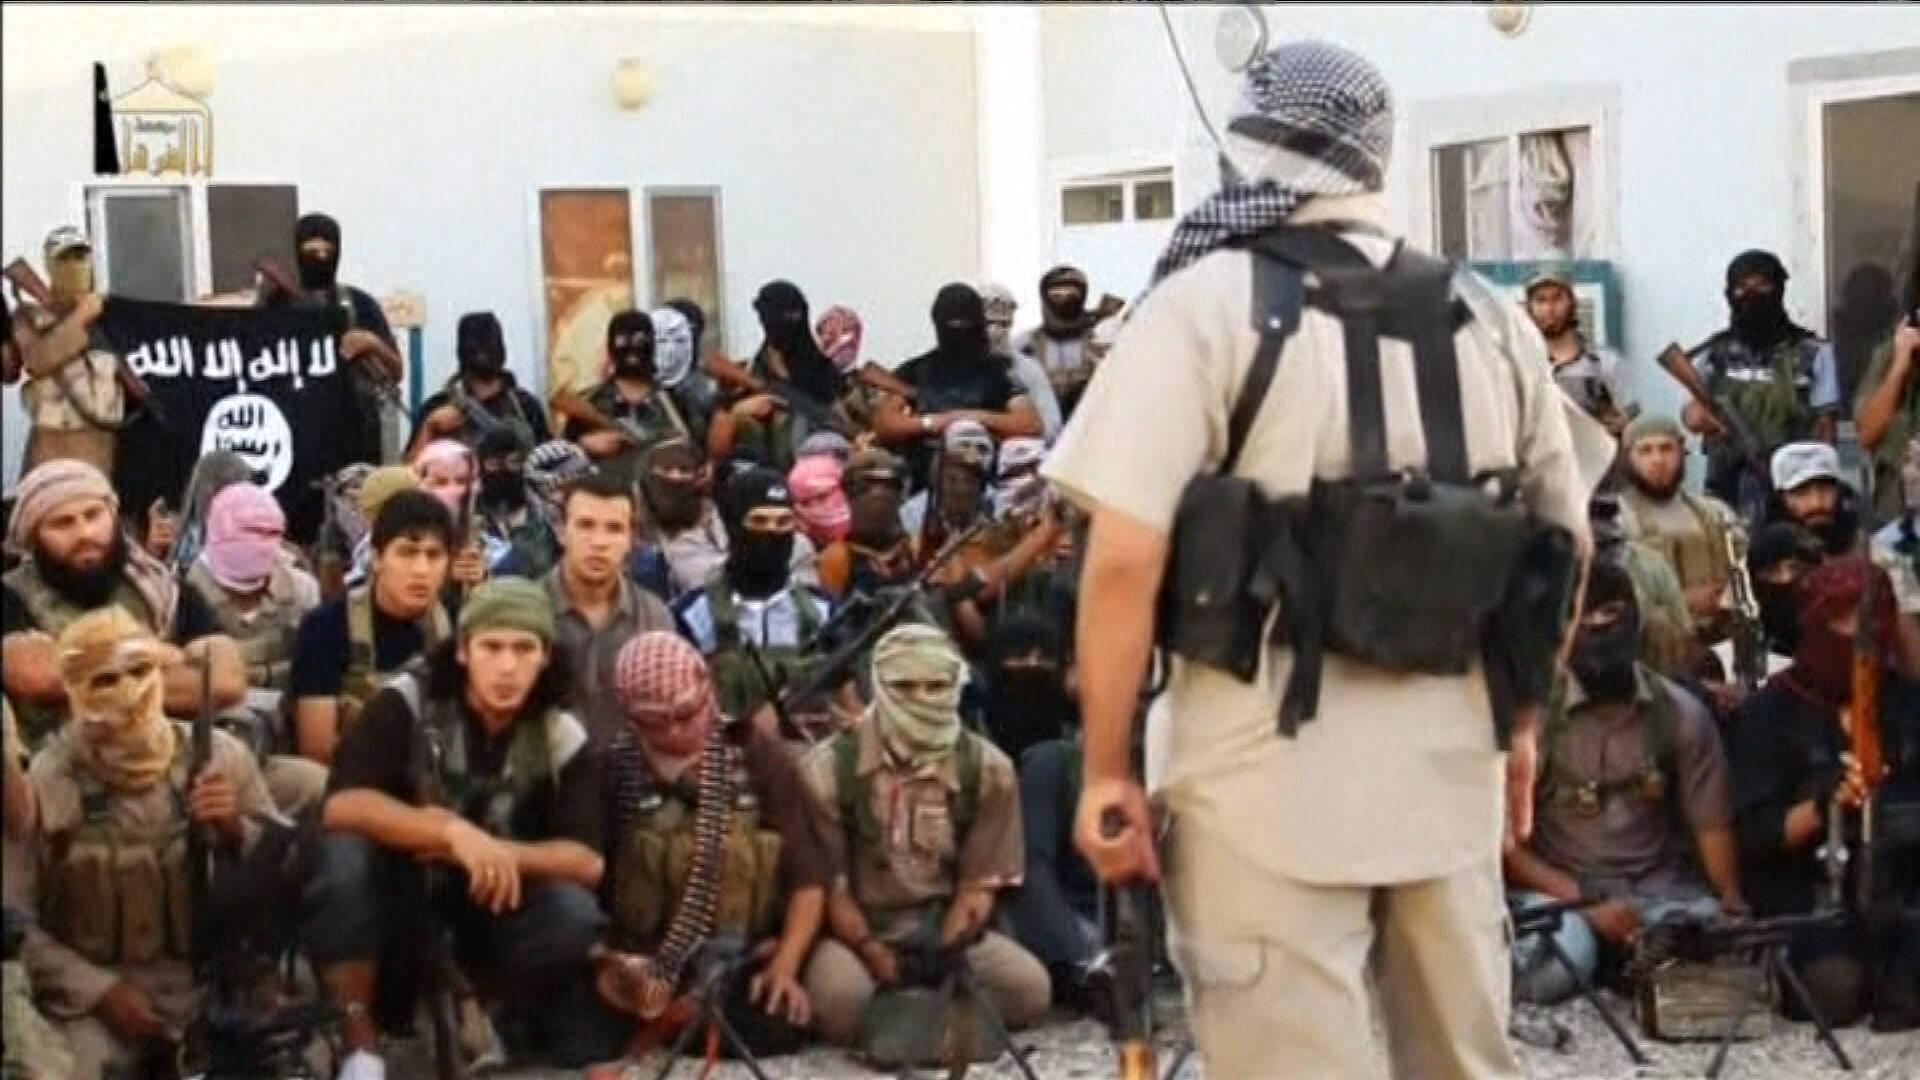 IŞİD videolarının psikolojik etkisi!